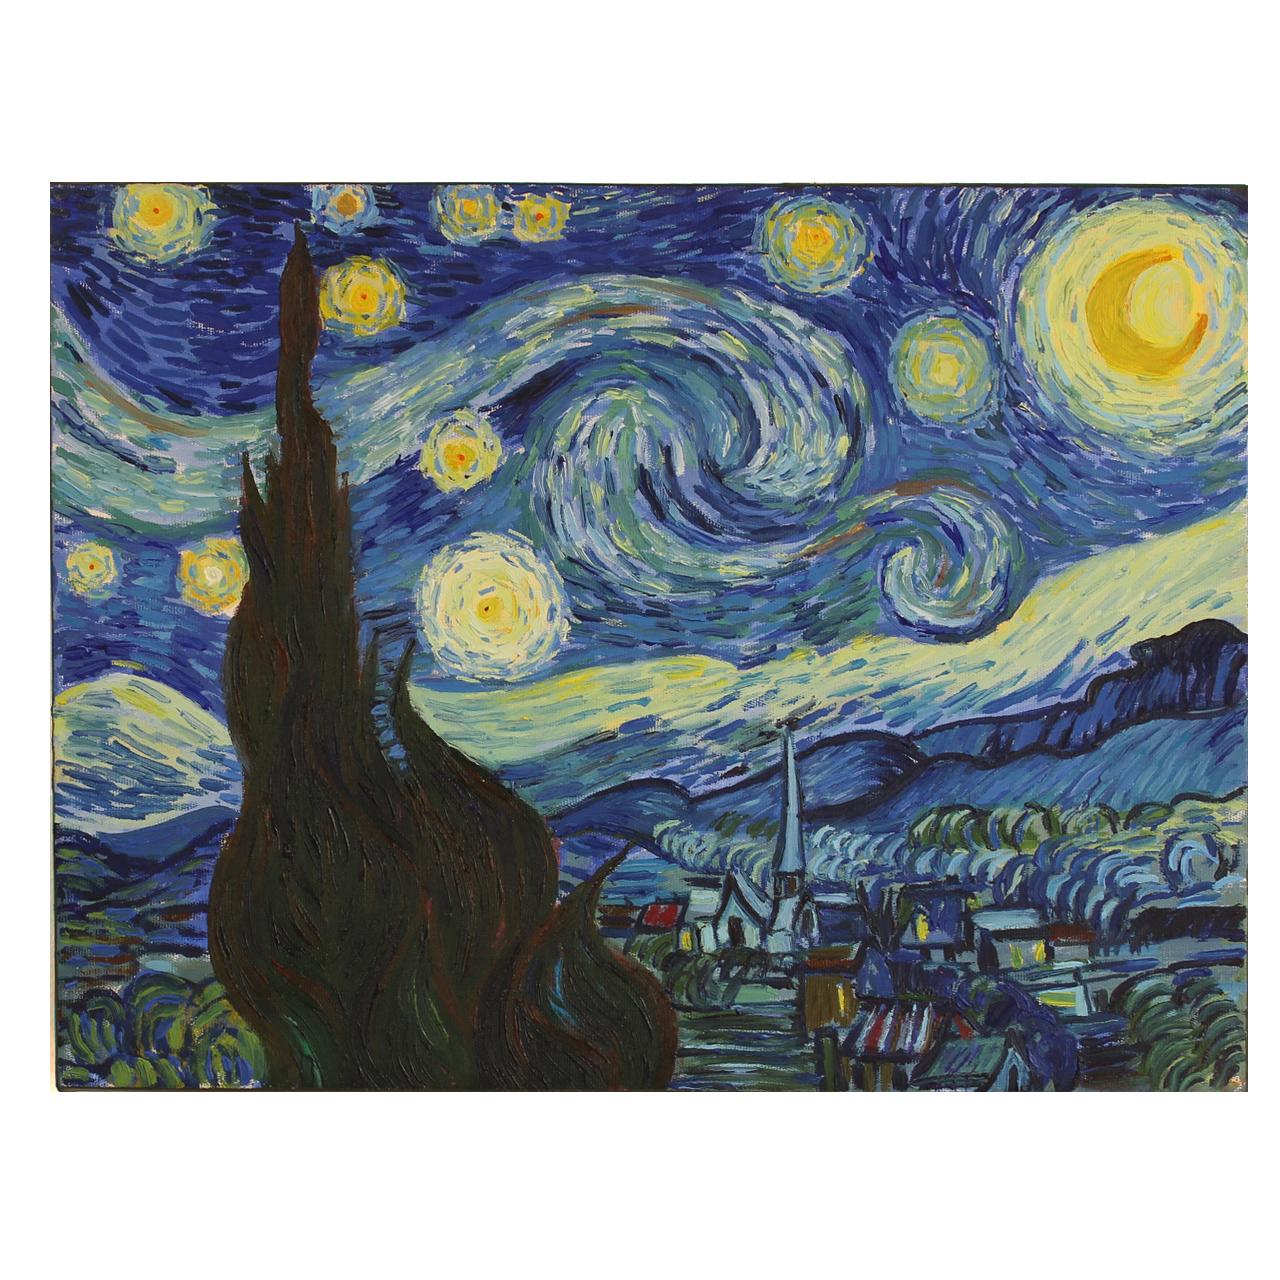 تابلو نقاشی رنگ روغن طرح شب پر ستاره